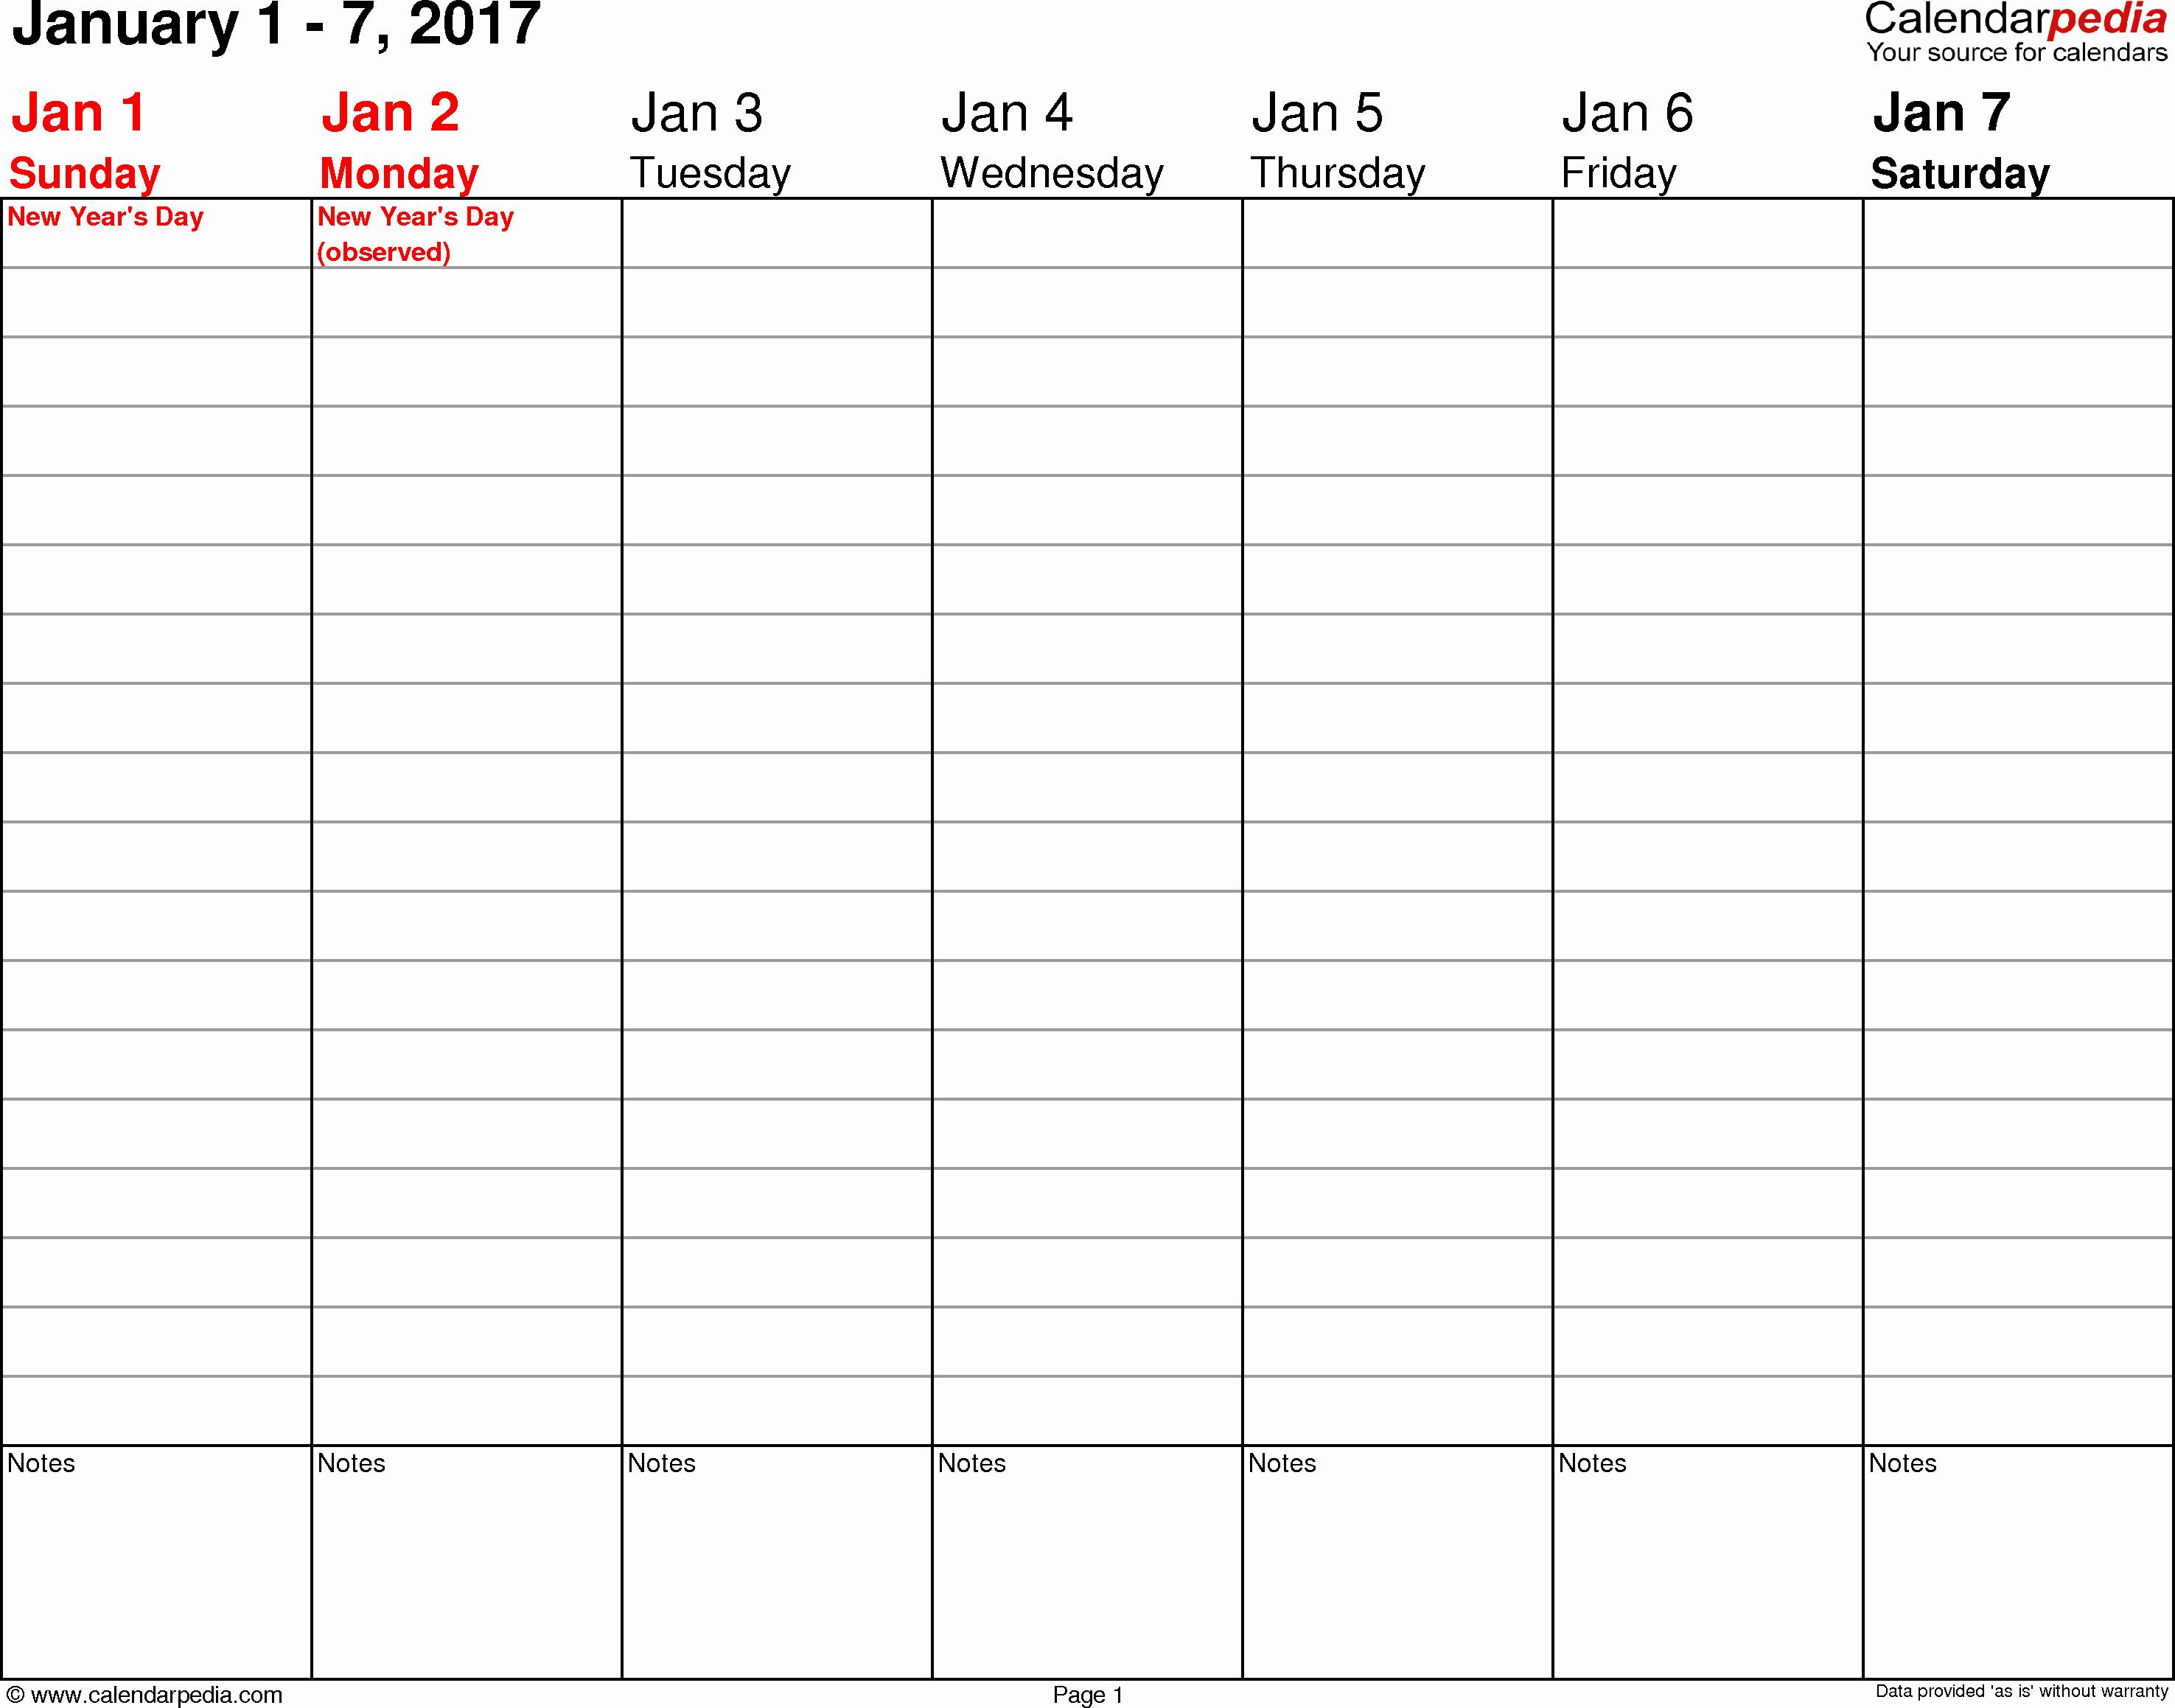 Free Printable Weekly Calendars 2017 Unique Weekly Calendar 2017 for Pdf 12 Free Printable Templates